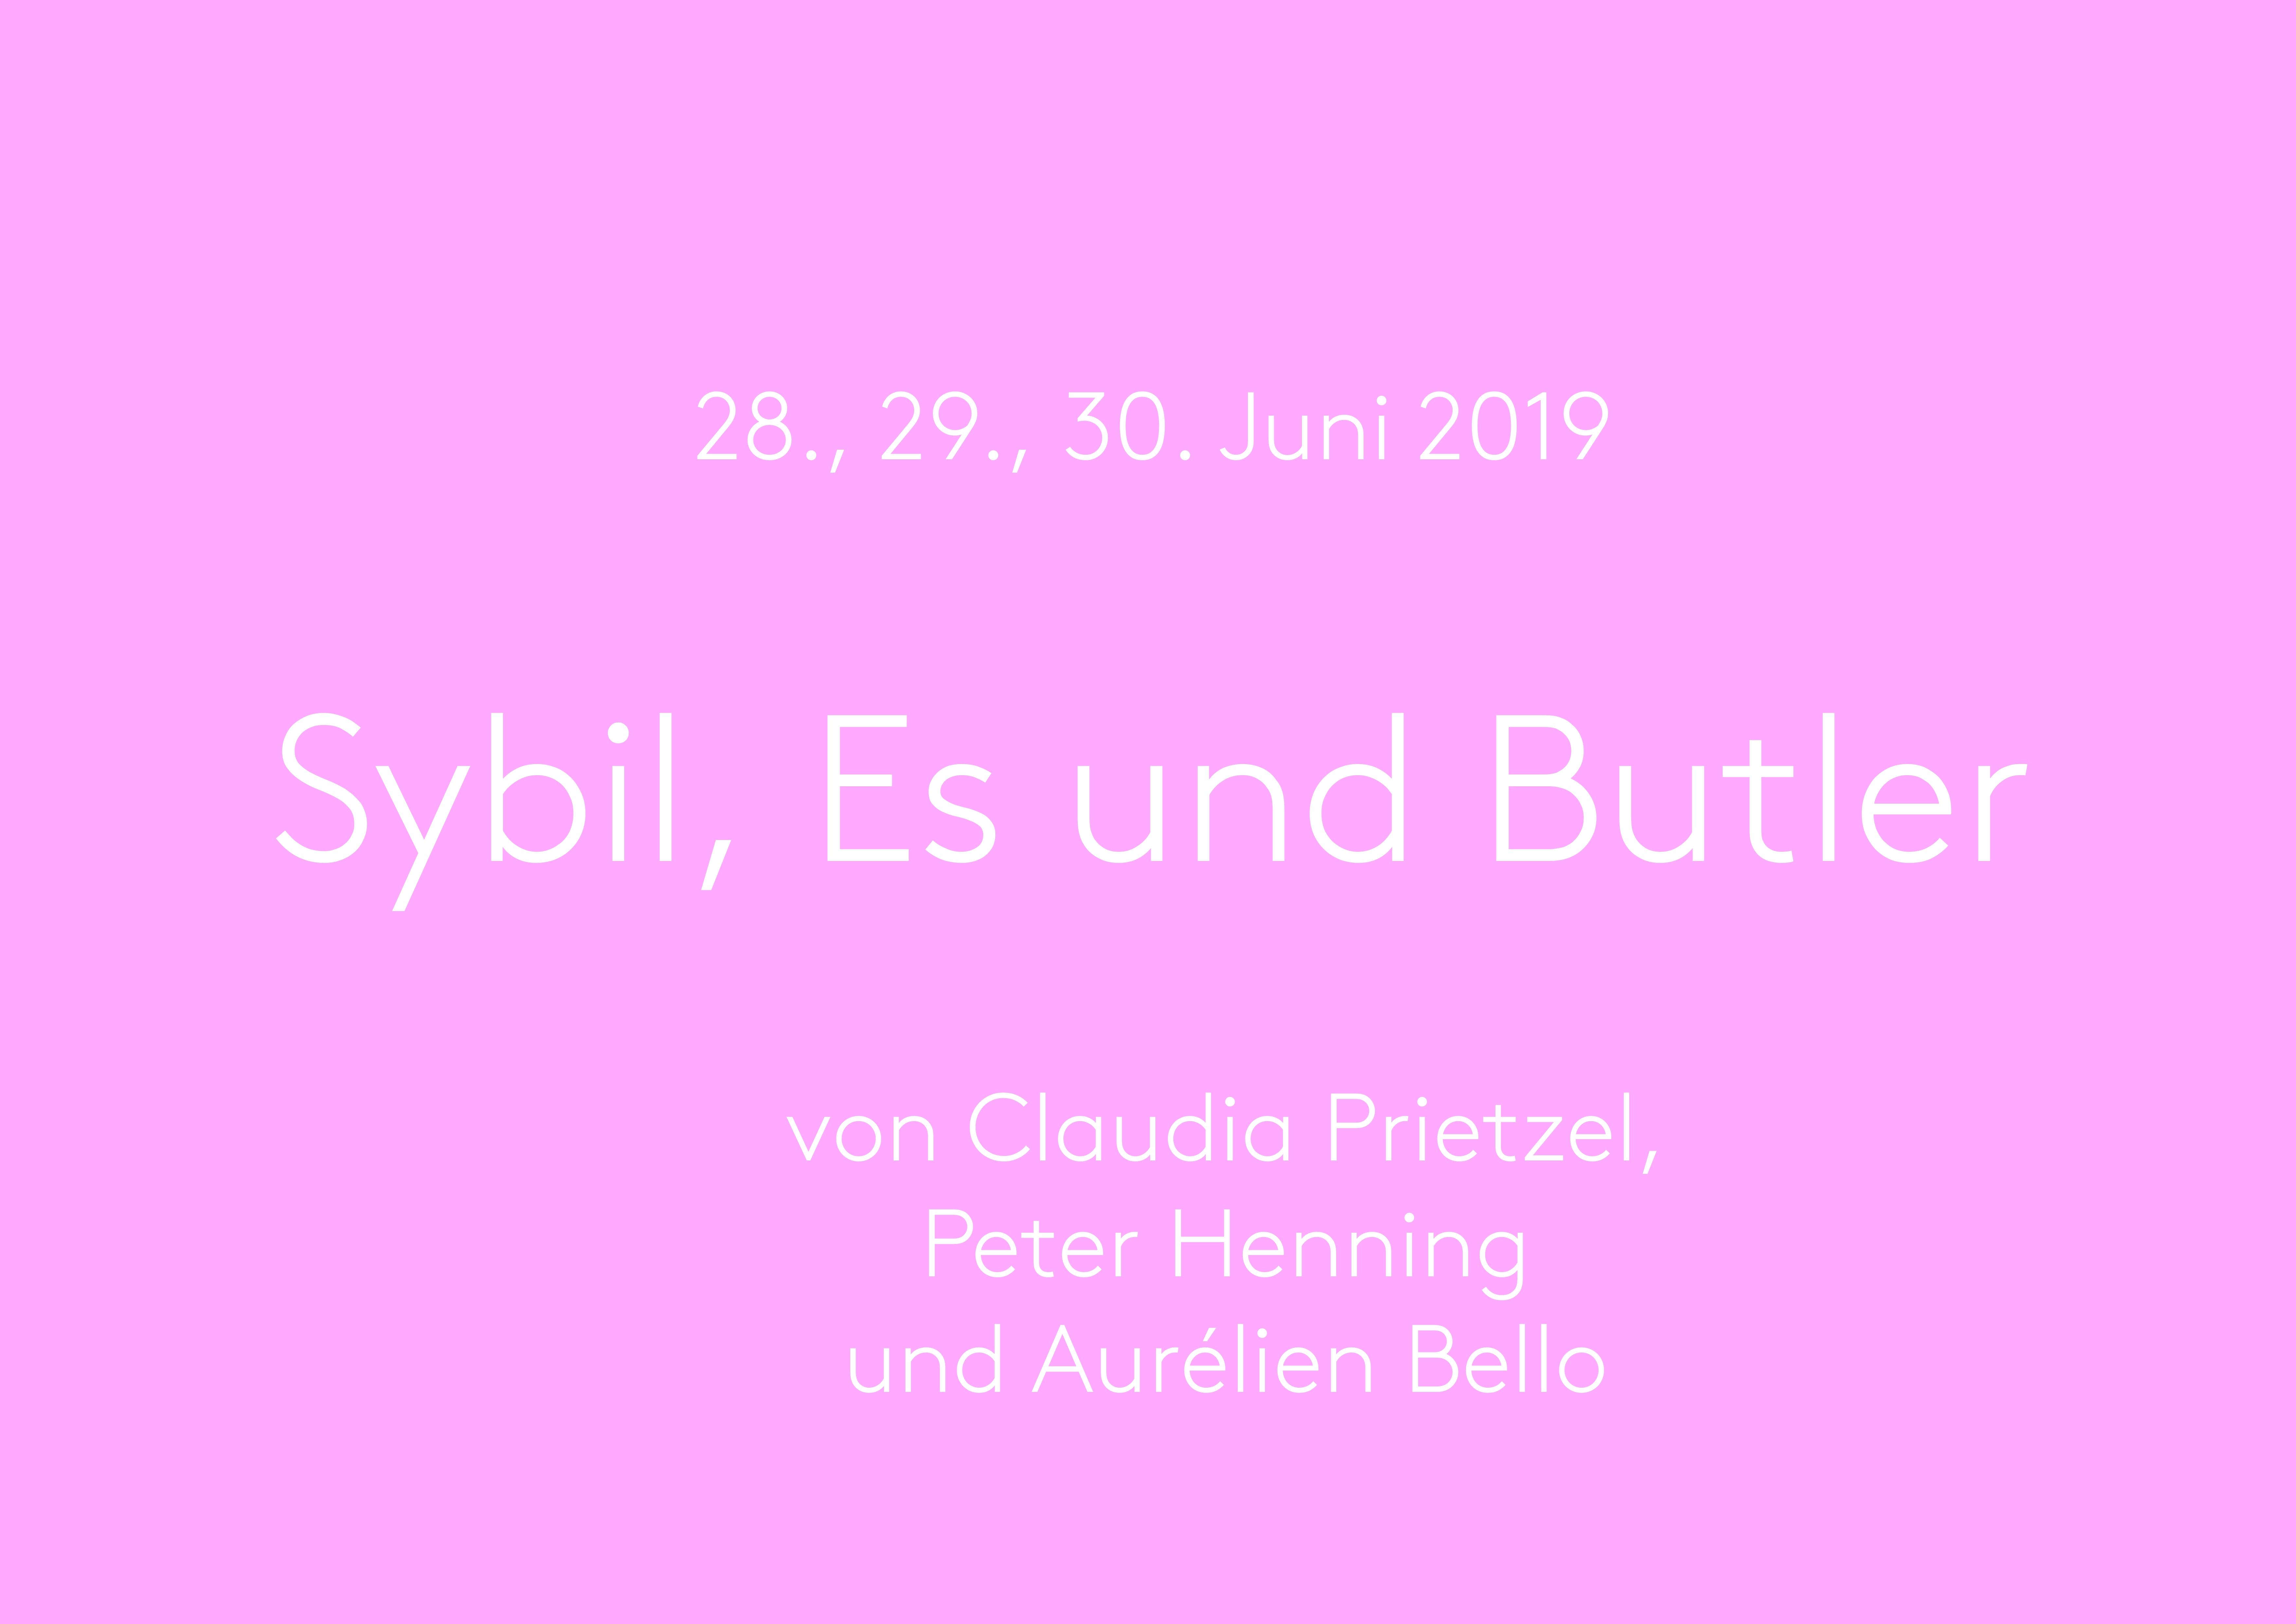 Sybil Es und Butler